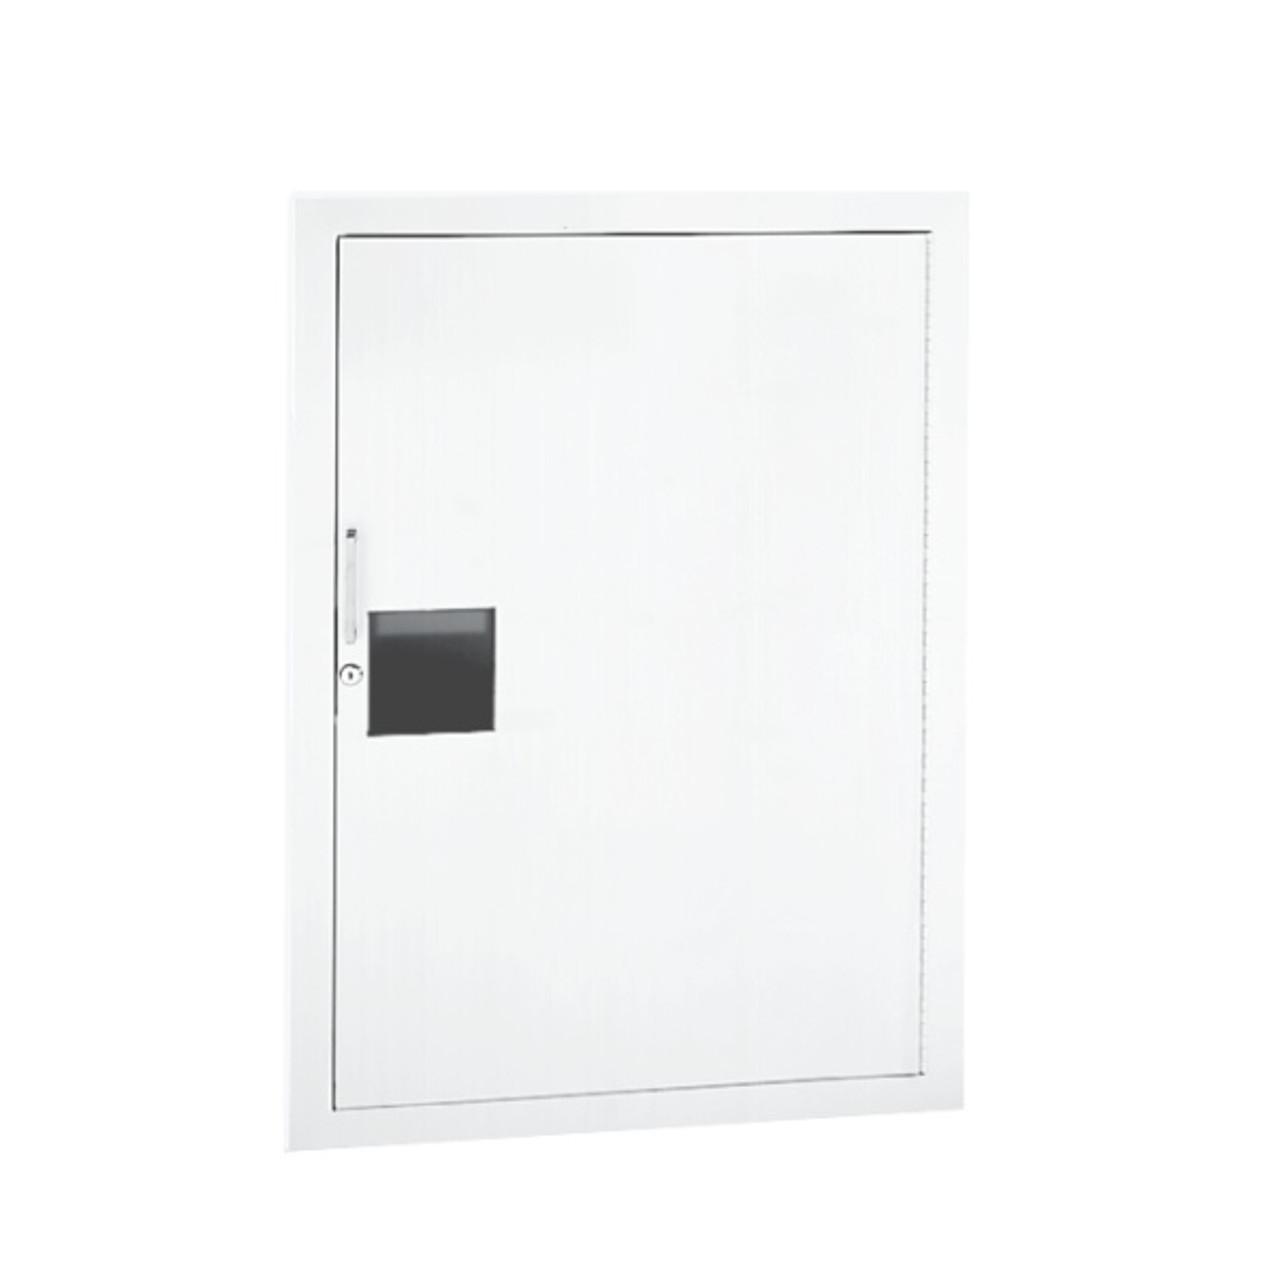 8015F10 - Flat Trim Hose Cabinet